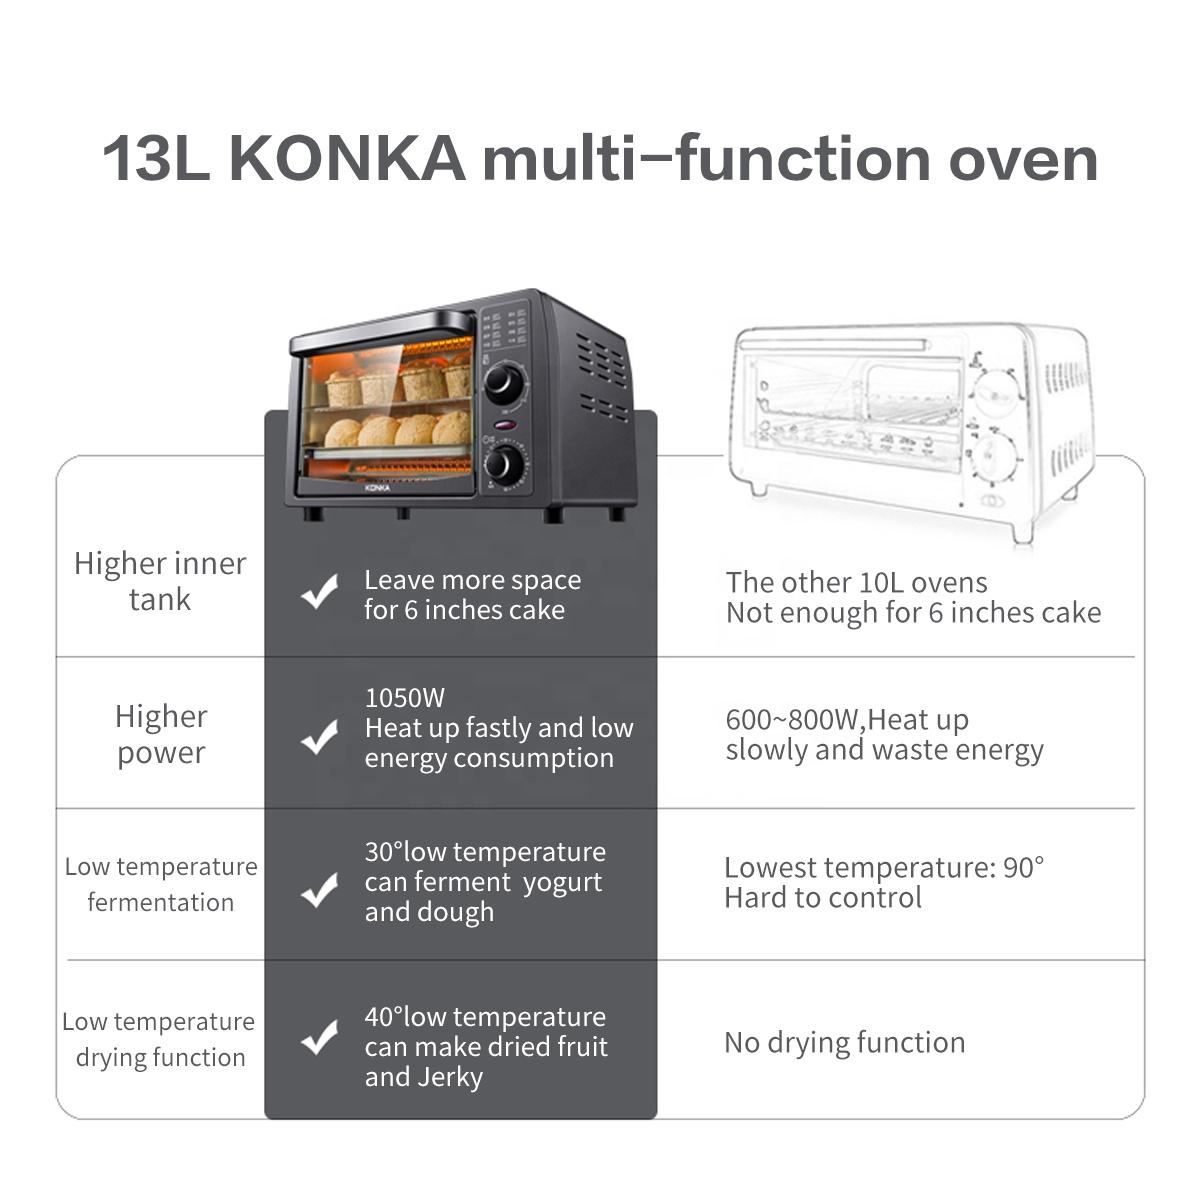 Электрическая мини-духовка KONKA, многофункциональная печь из нержавеющей стали на 4 ломтика с таймером, 1050 Вт, включает в себя сковороду и стойку для выпечки